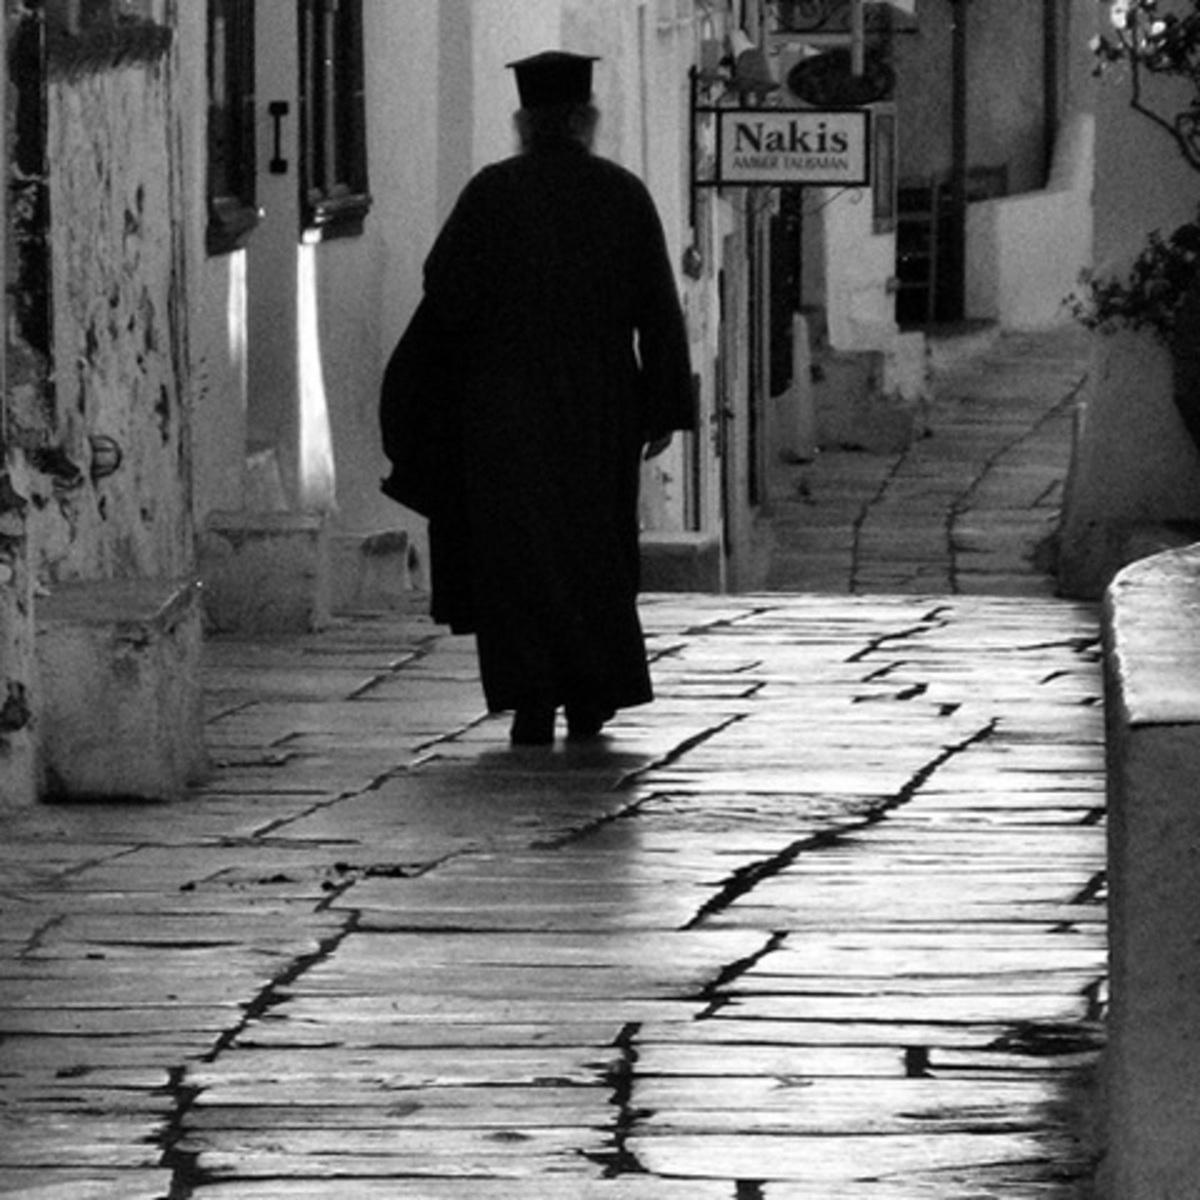 Χαλκιδική: Τα χρήματα που έλειπαν τα είχε βουτήξει ο παπάς! | Newsit.gr